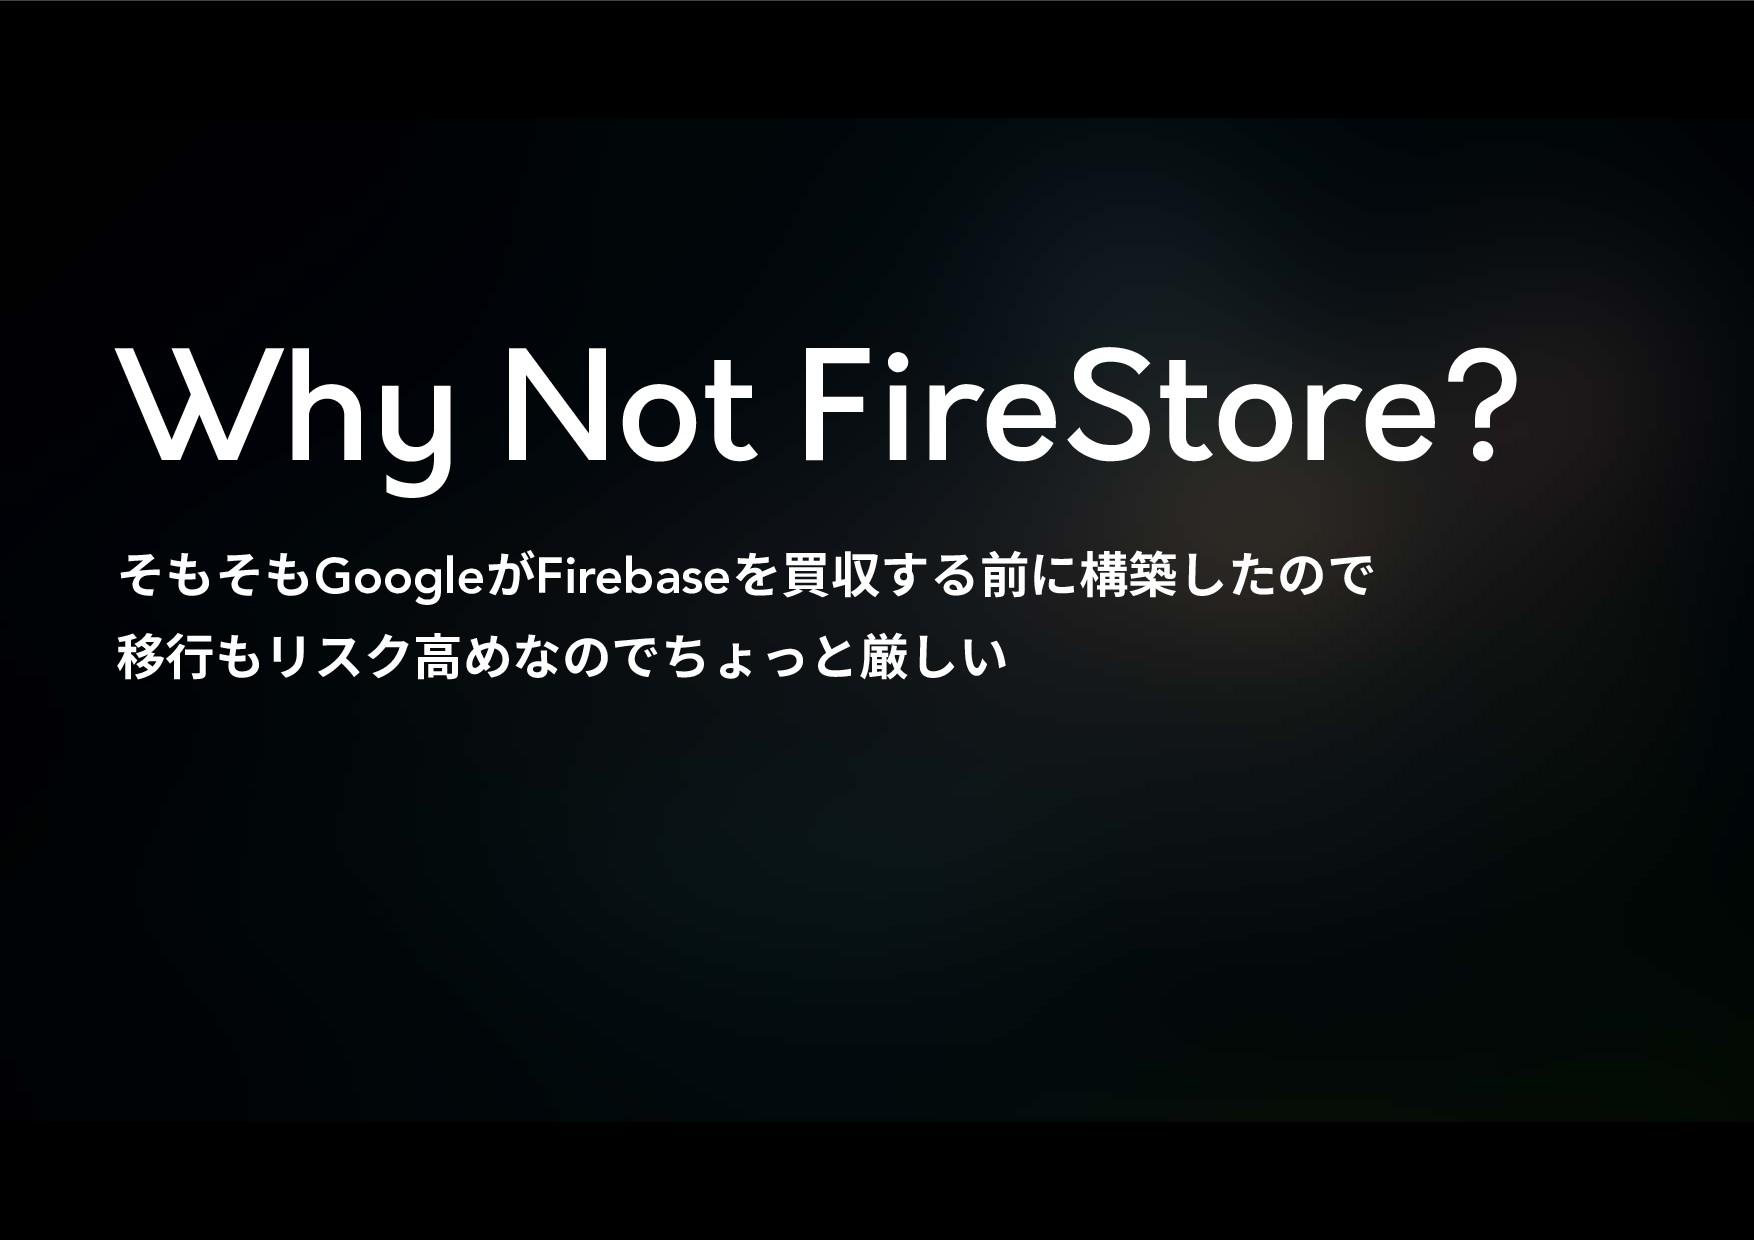 Why Not FireStore? GoogleָFirebase顠 ׅח圓...